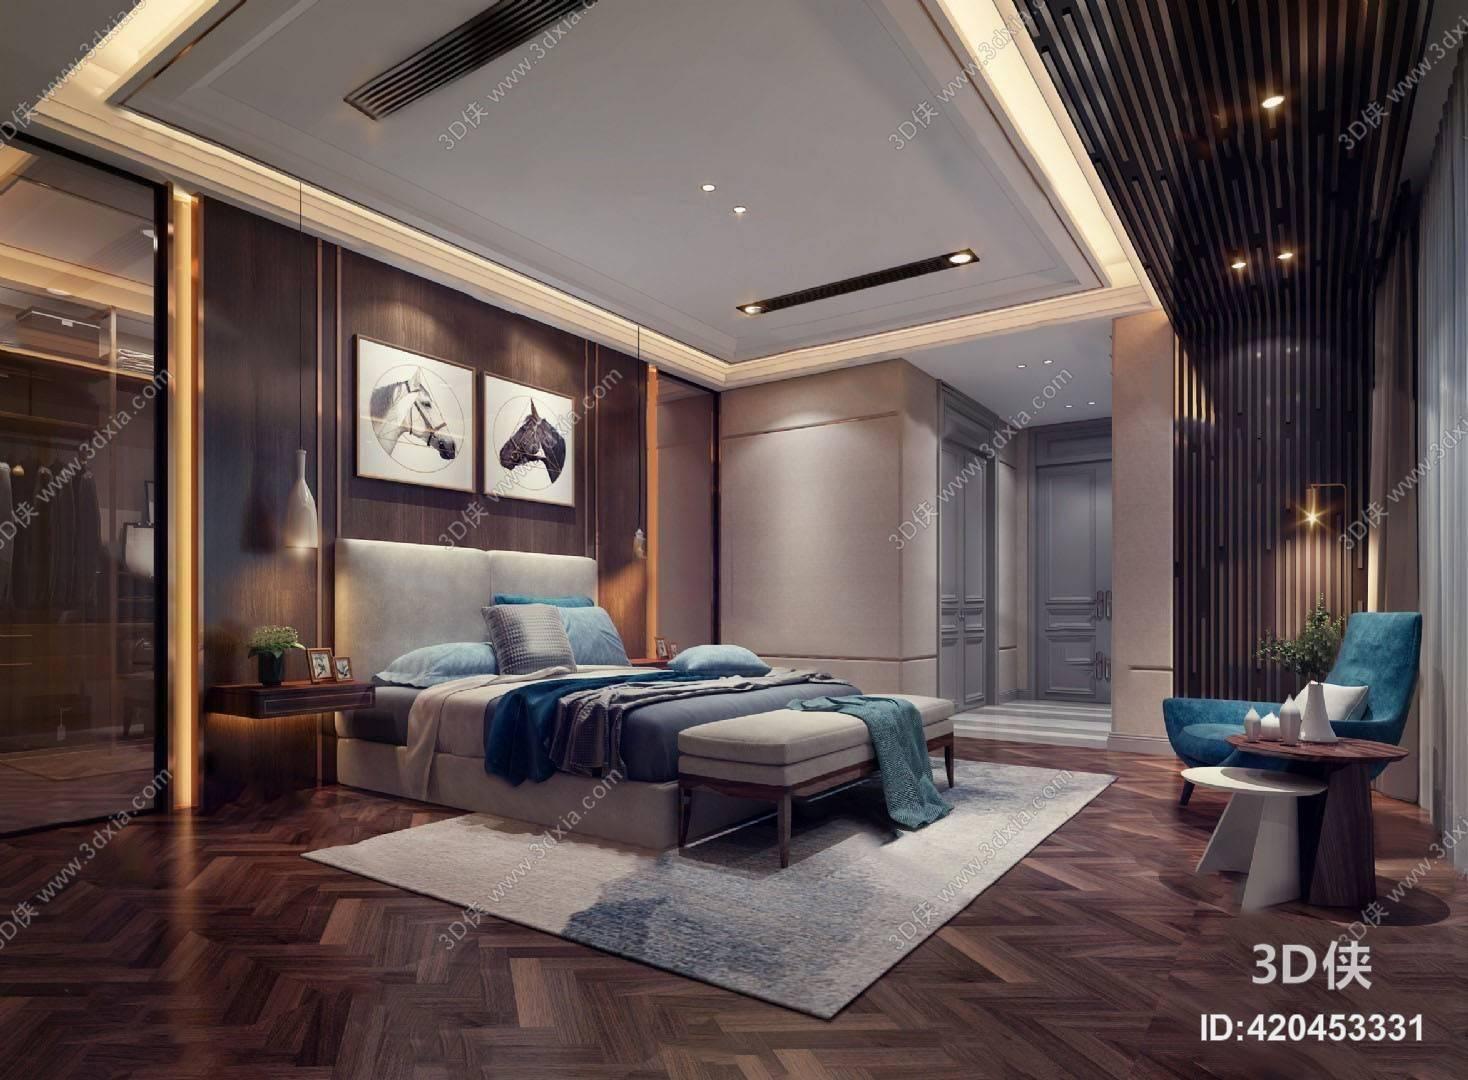 现代卧室3D模型 双人床 吊灯 背景墙